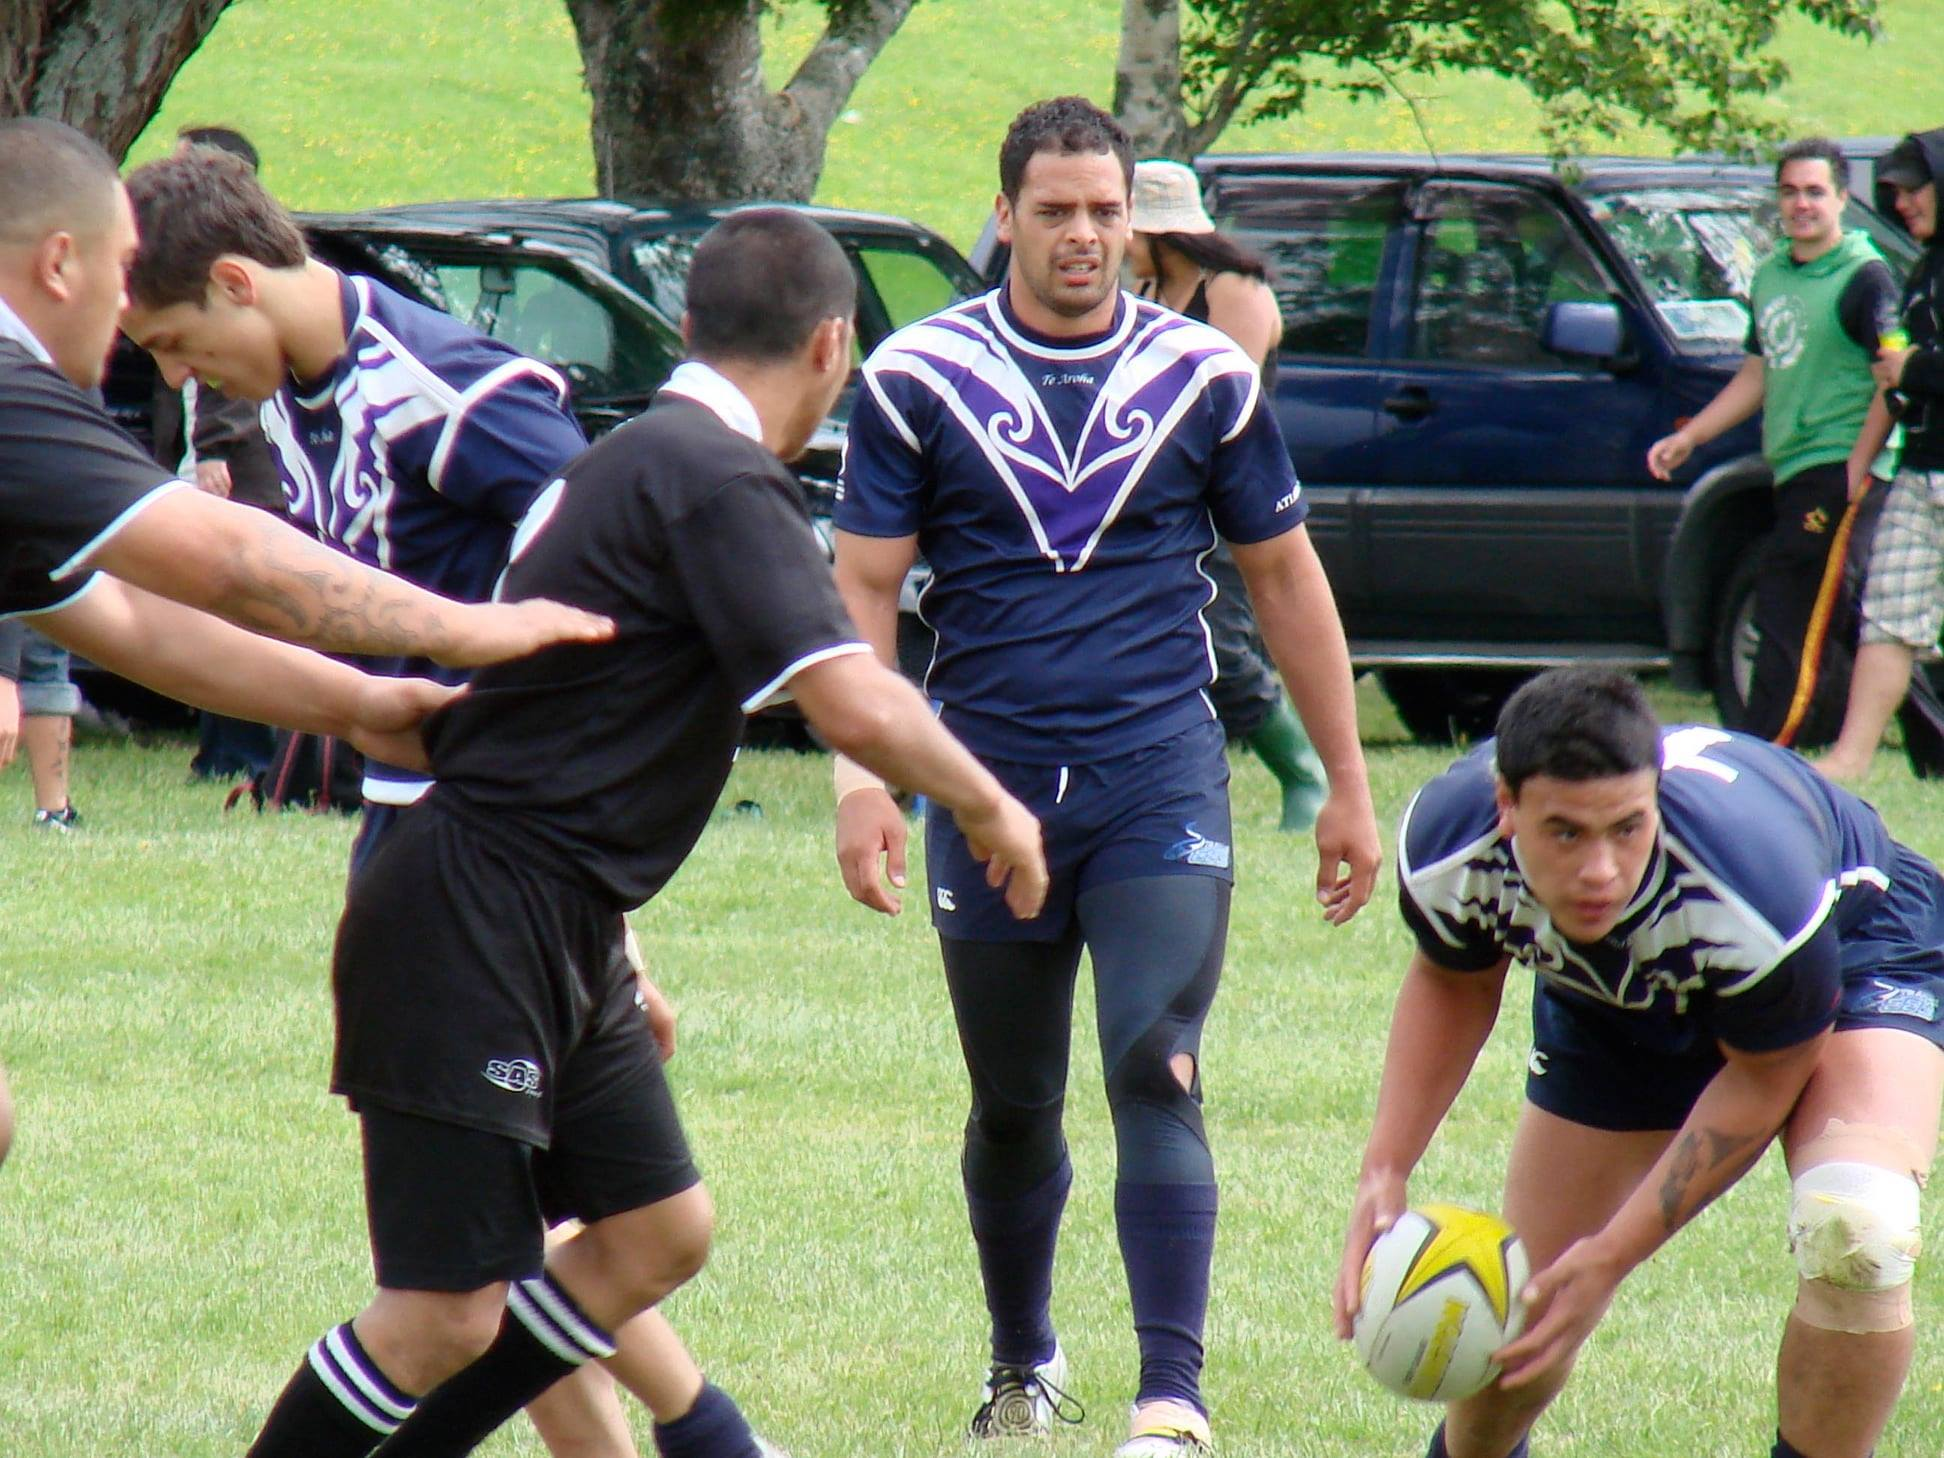 Te Aroha Eels and Toa progress in Wellington Premier One Finals